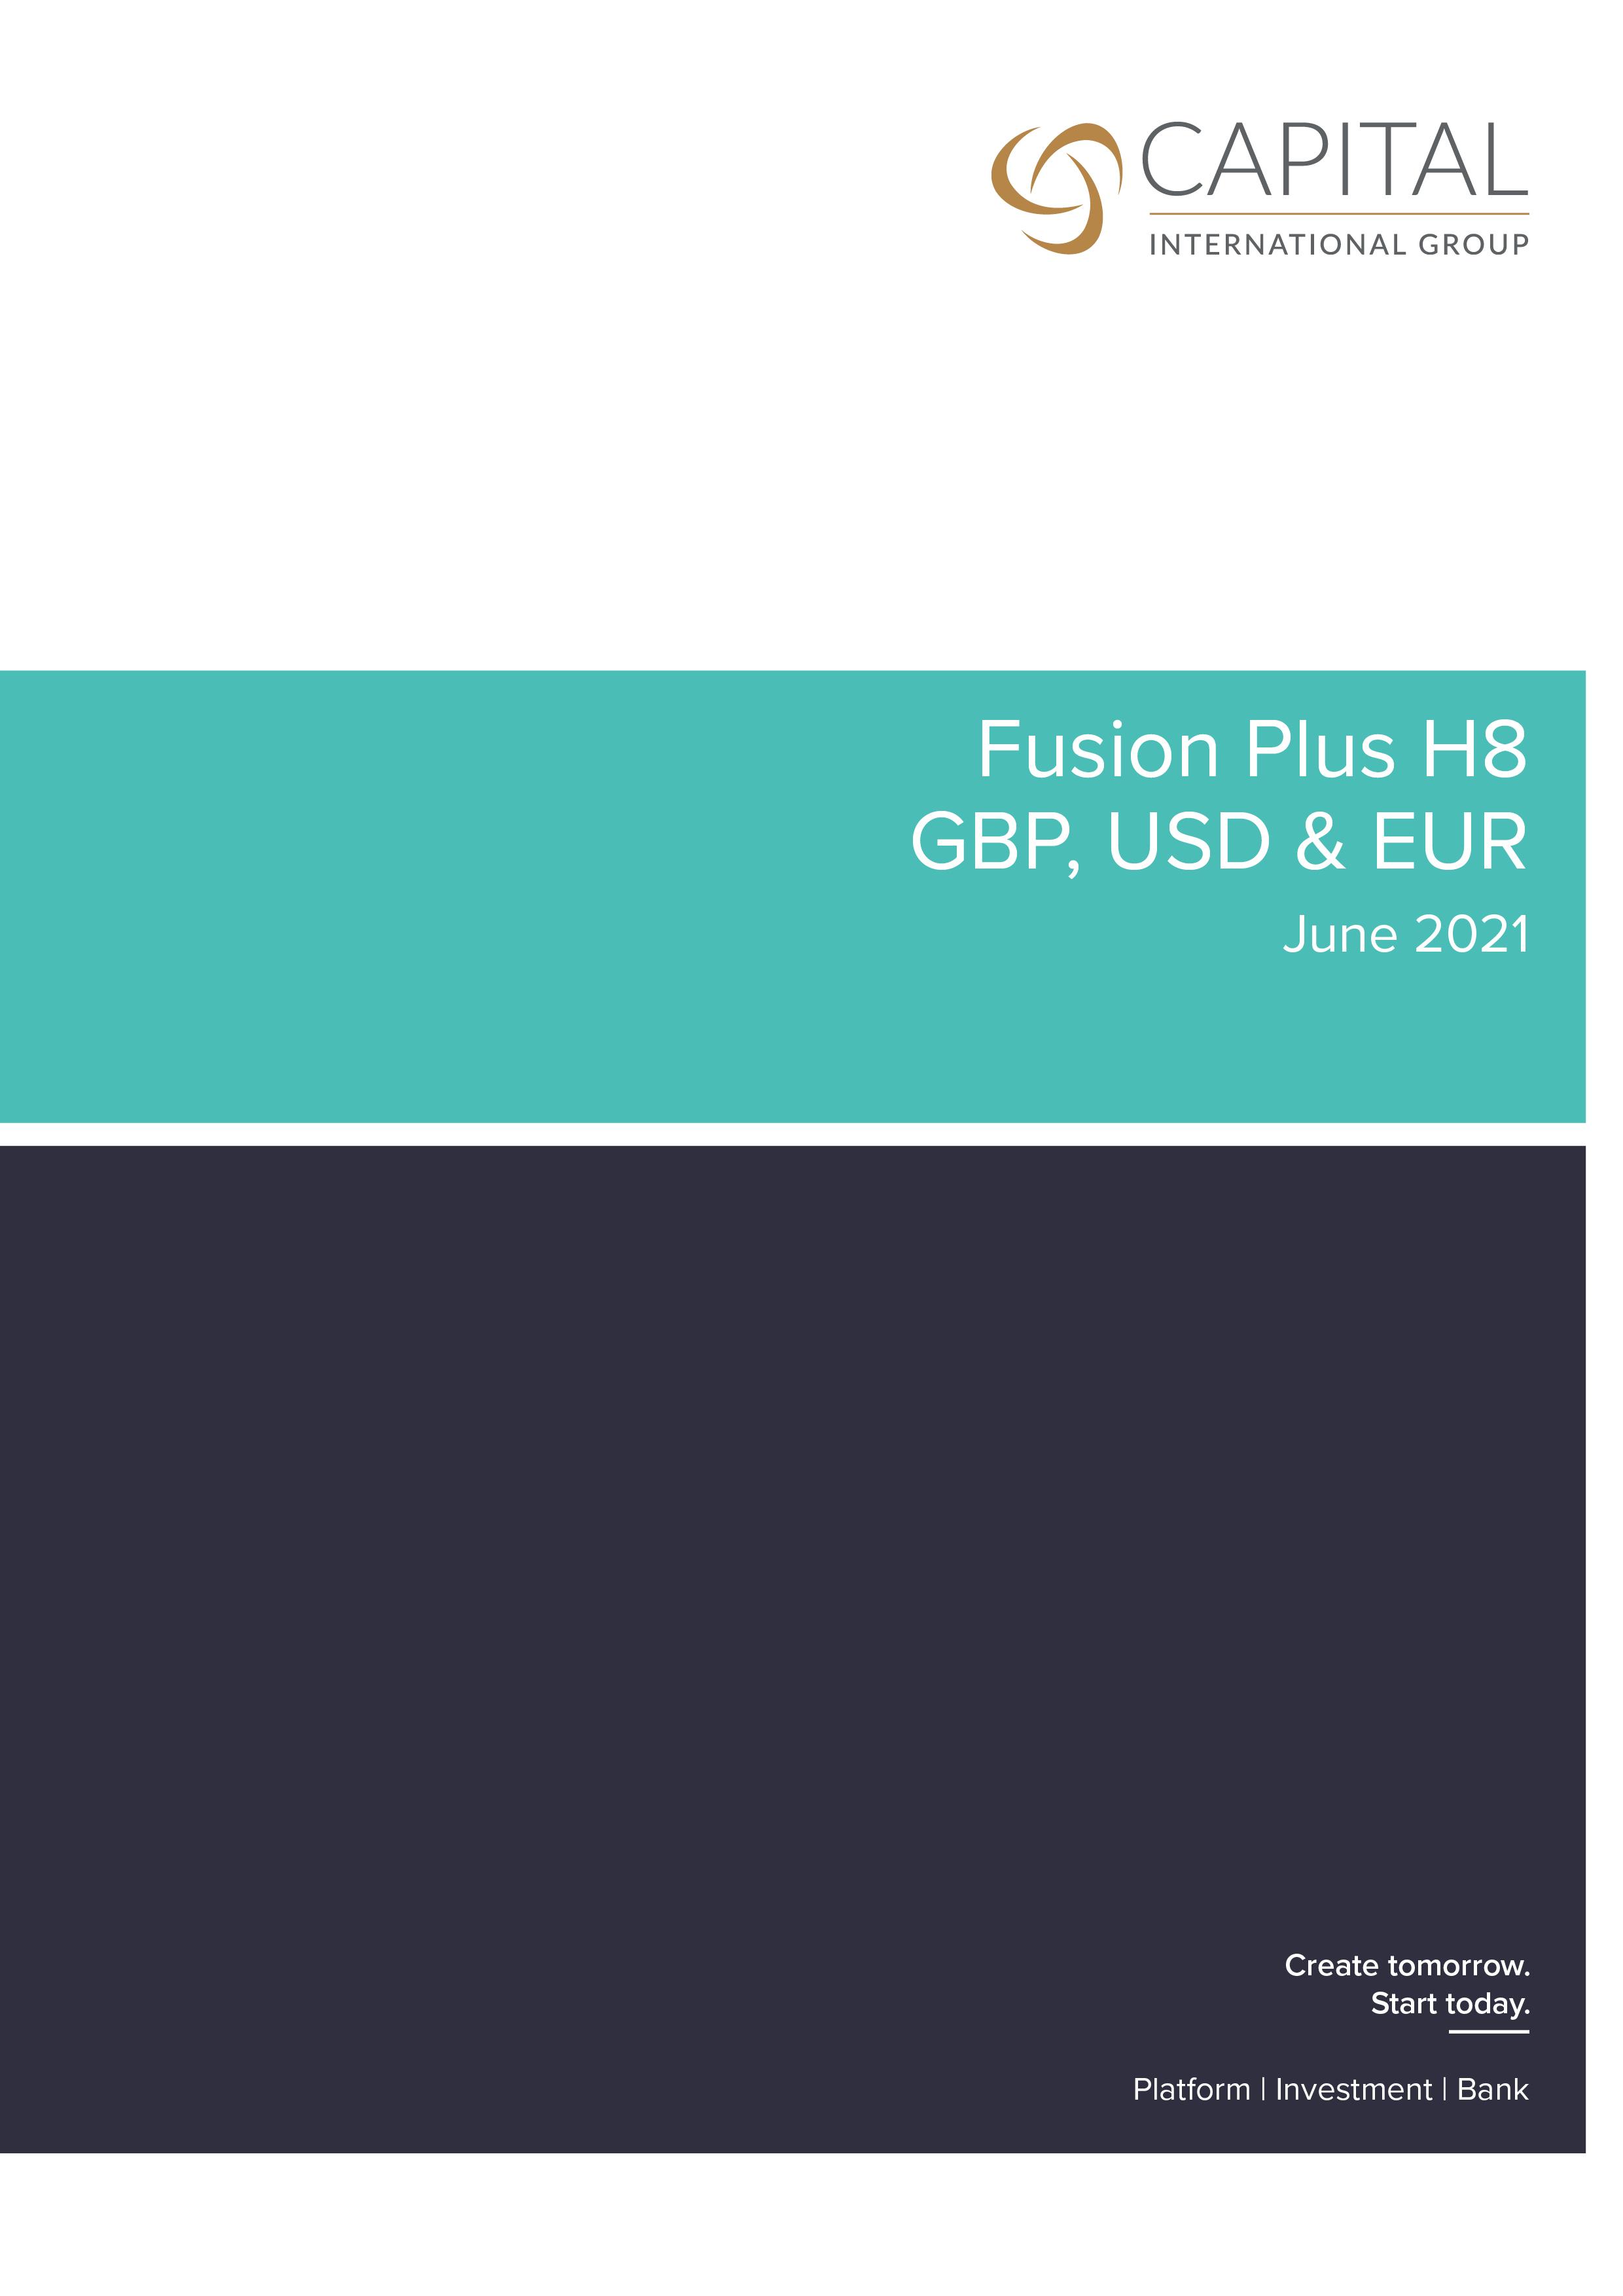 Fusion Plus H8 June 2021